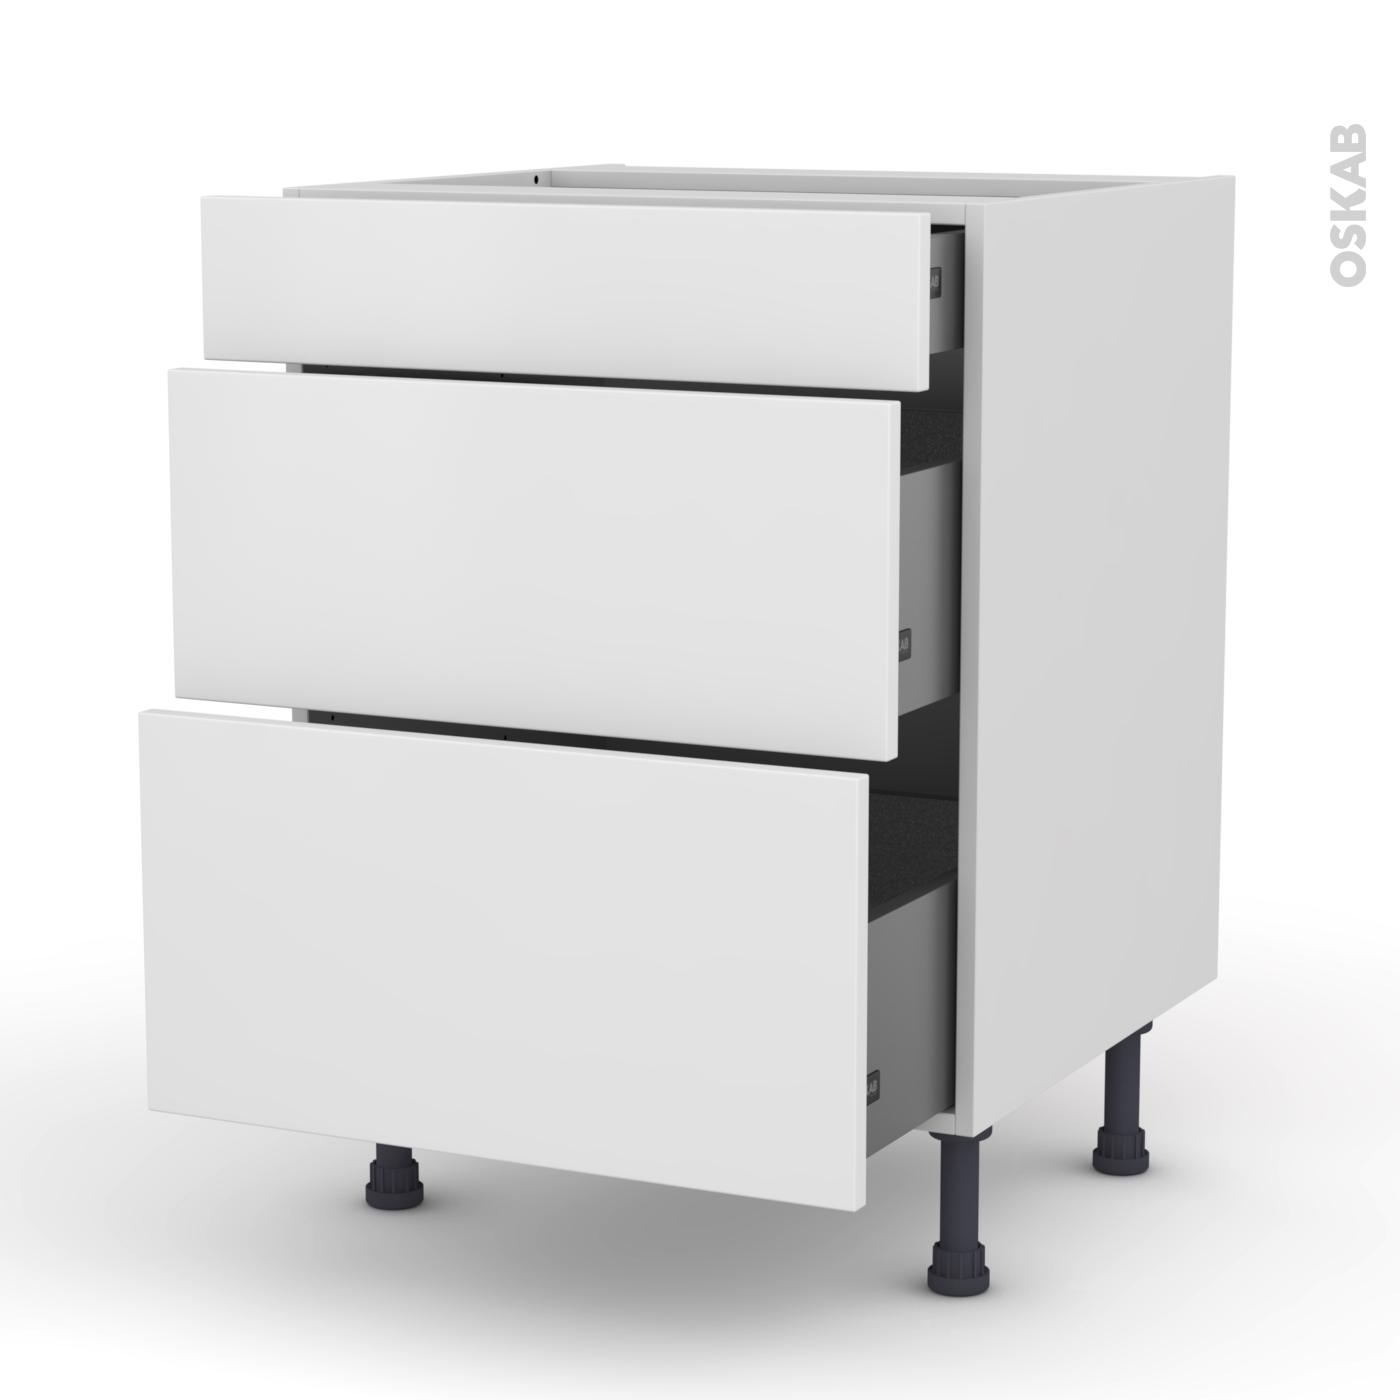 Meuble de cuisine Casserolier GINKO Blanc, 14 tiroirs, L14 x H14 x P14 cm